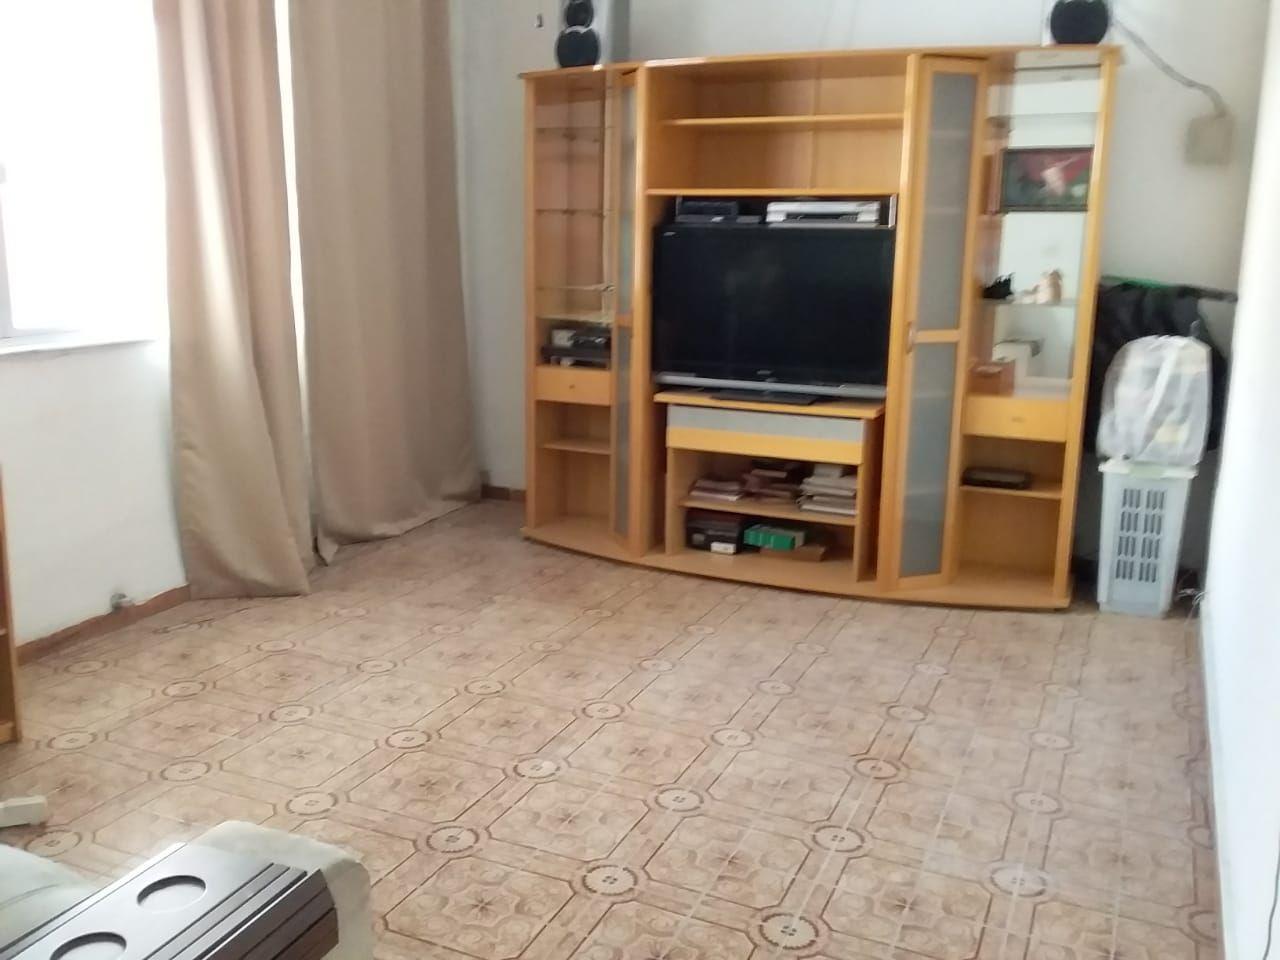 FOTO 8 - Casa à venda Rua Jagoroaba,Vila Valqueire, Rio de Janeiro - R$ 1.500.000 - RF200 - 9